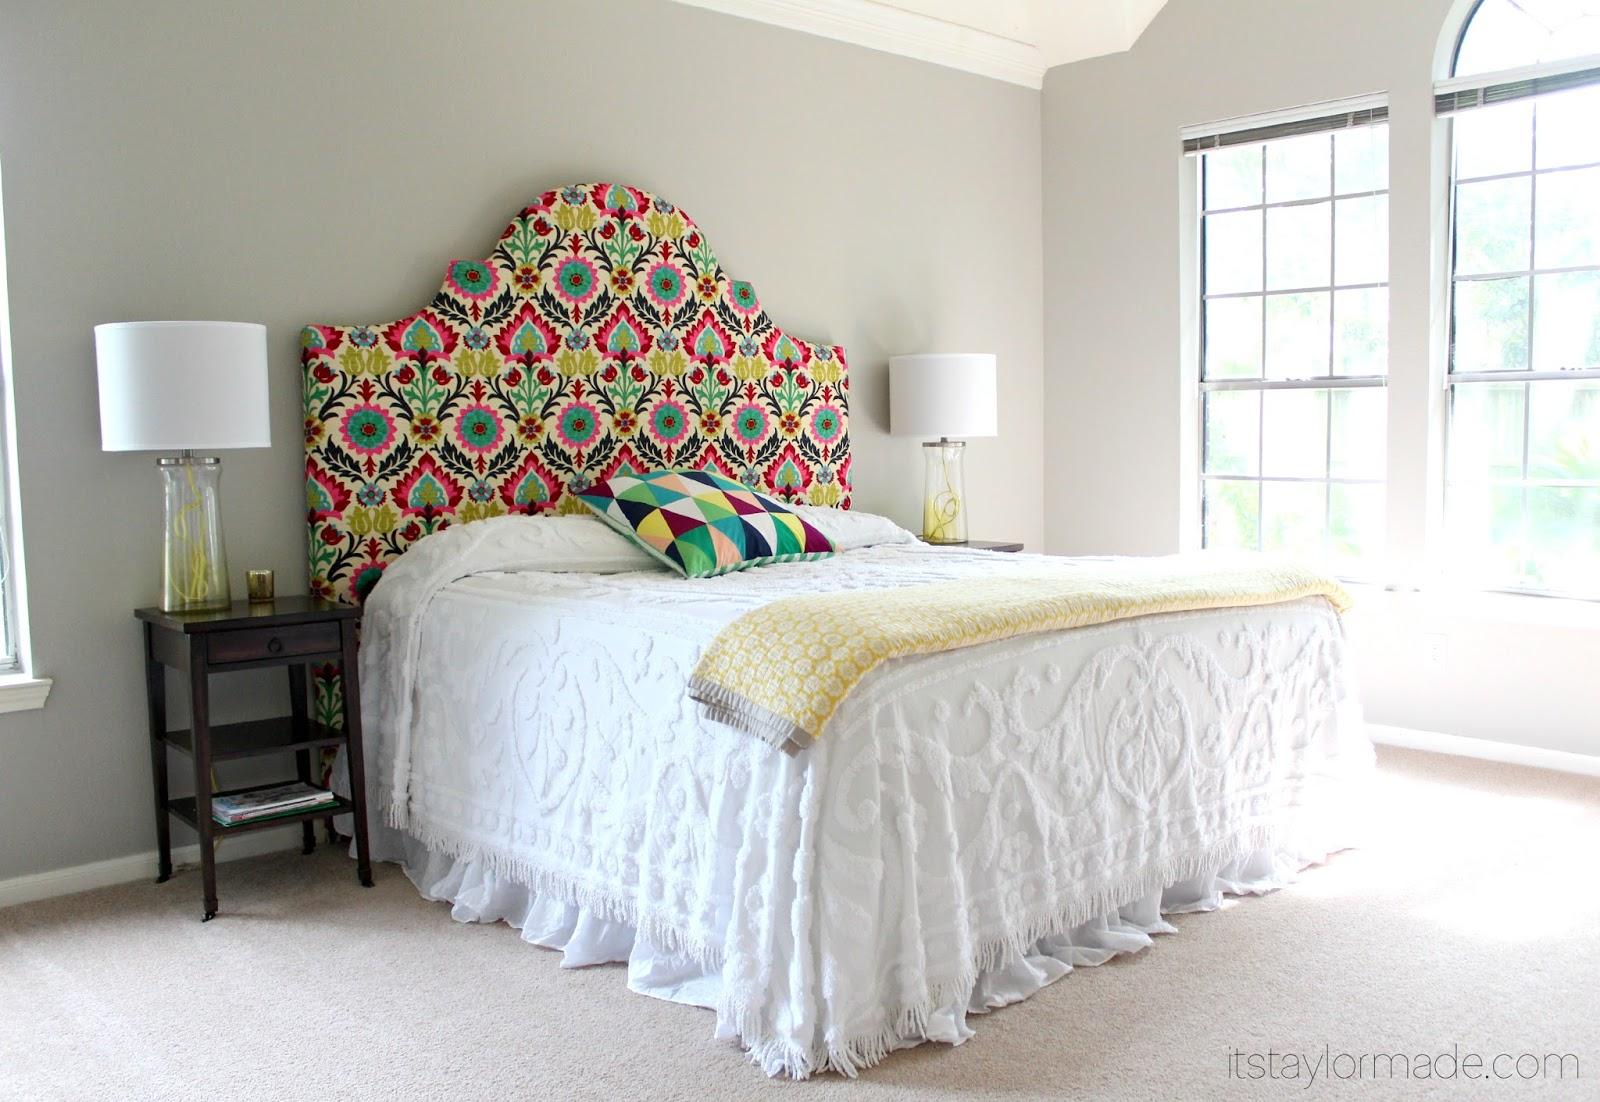 Hjem interiør design: diy hovedgærde ideer som et supplement bed set